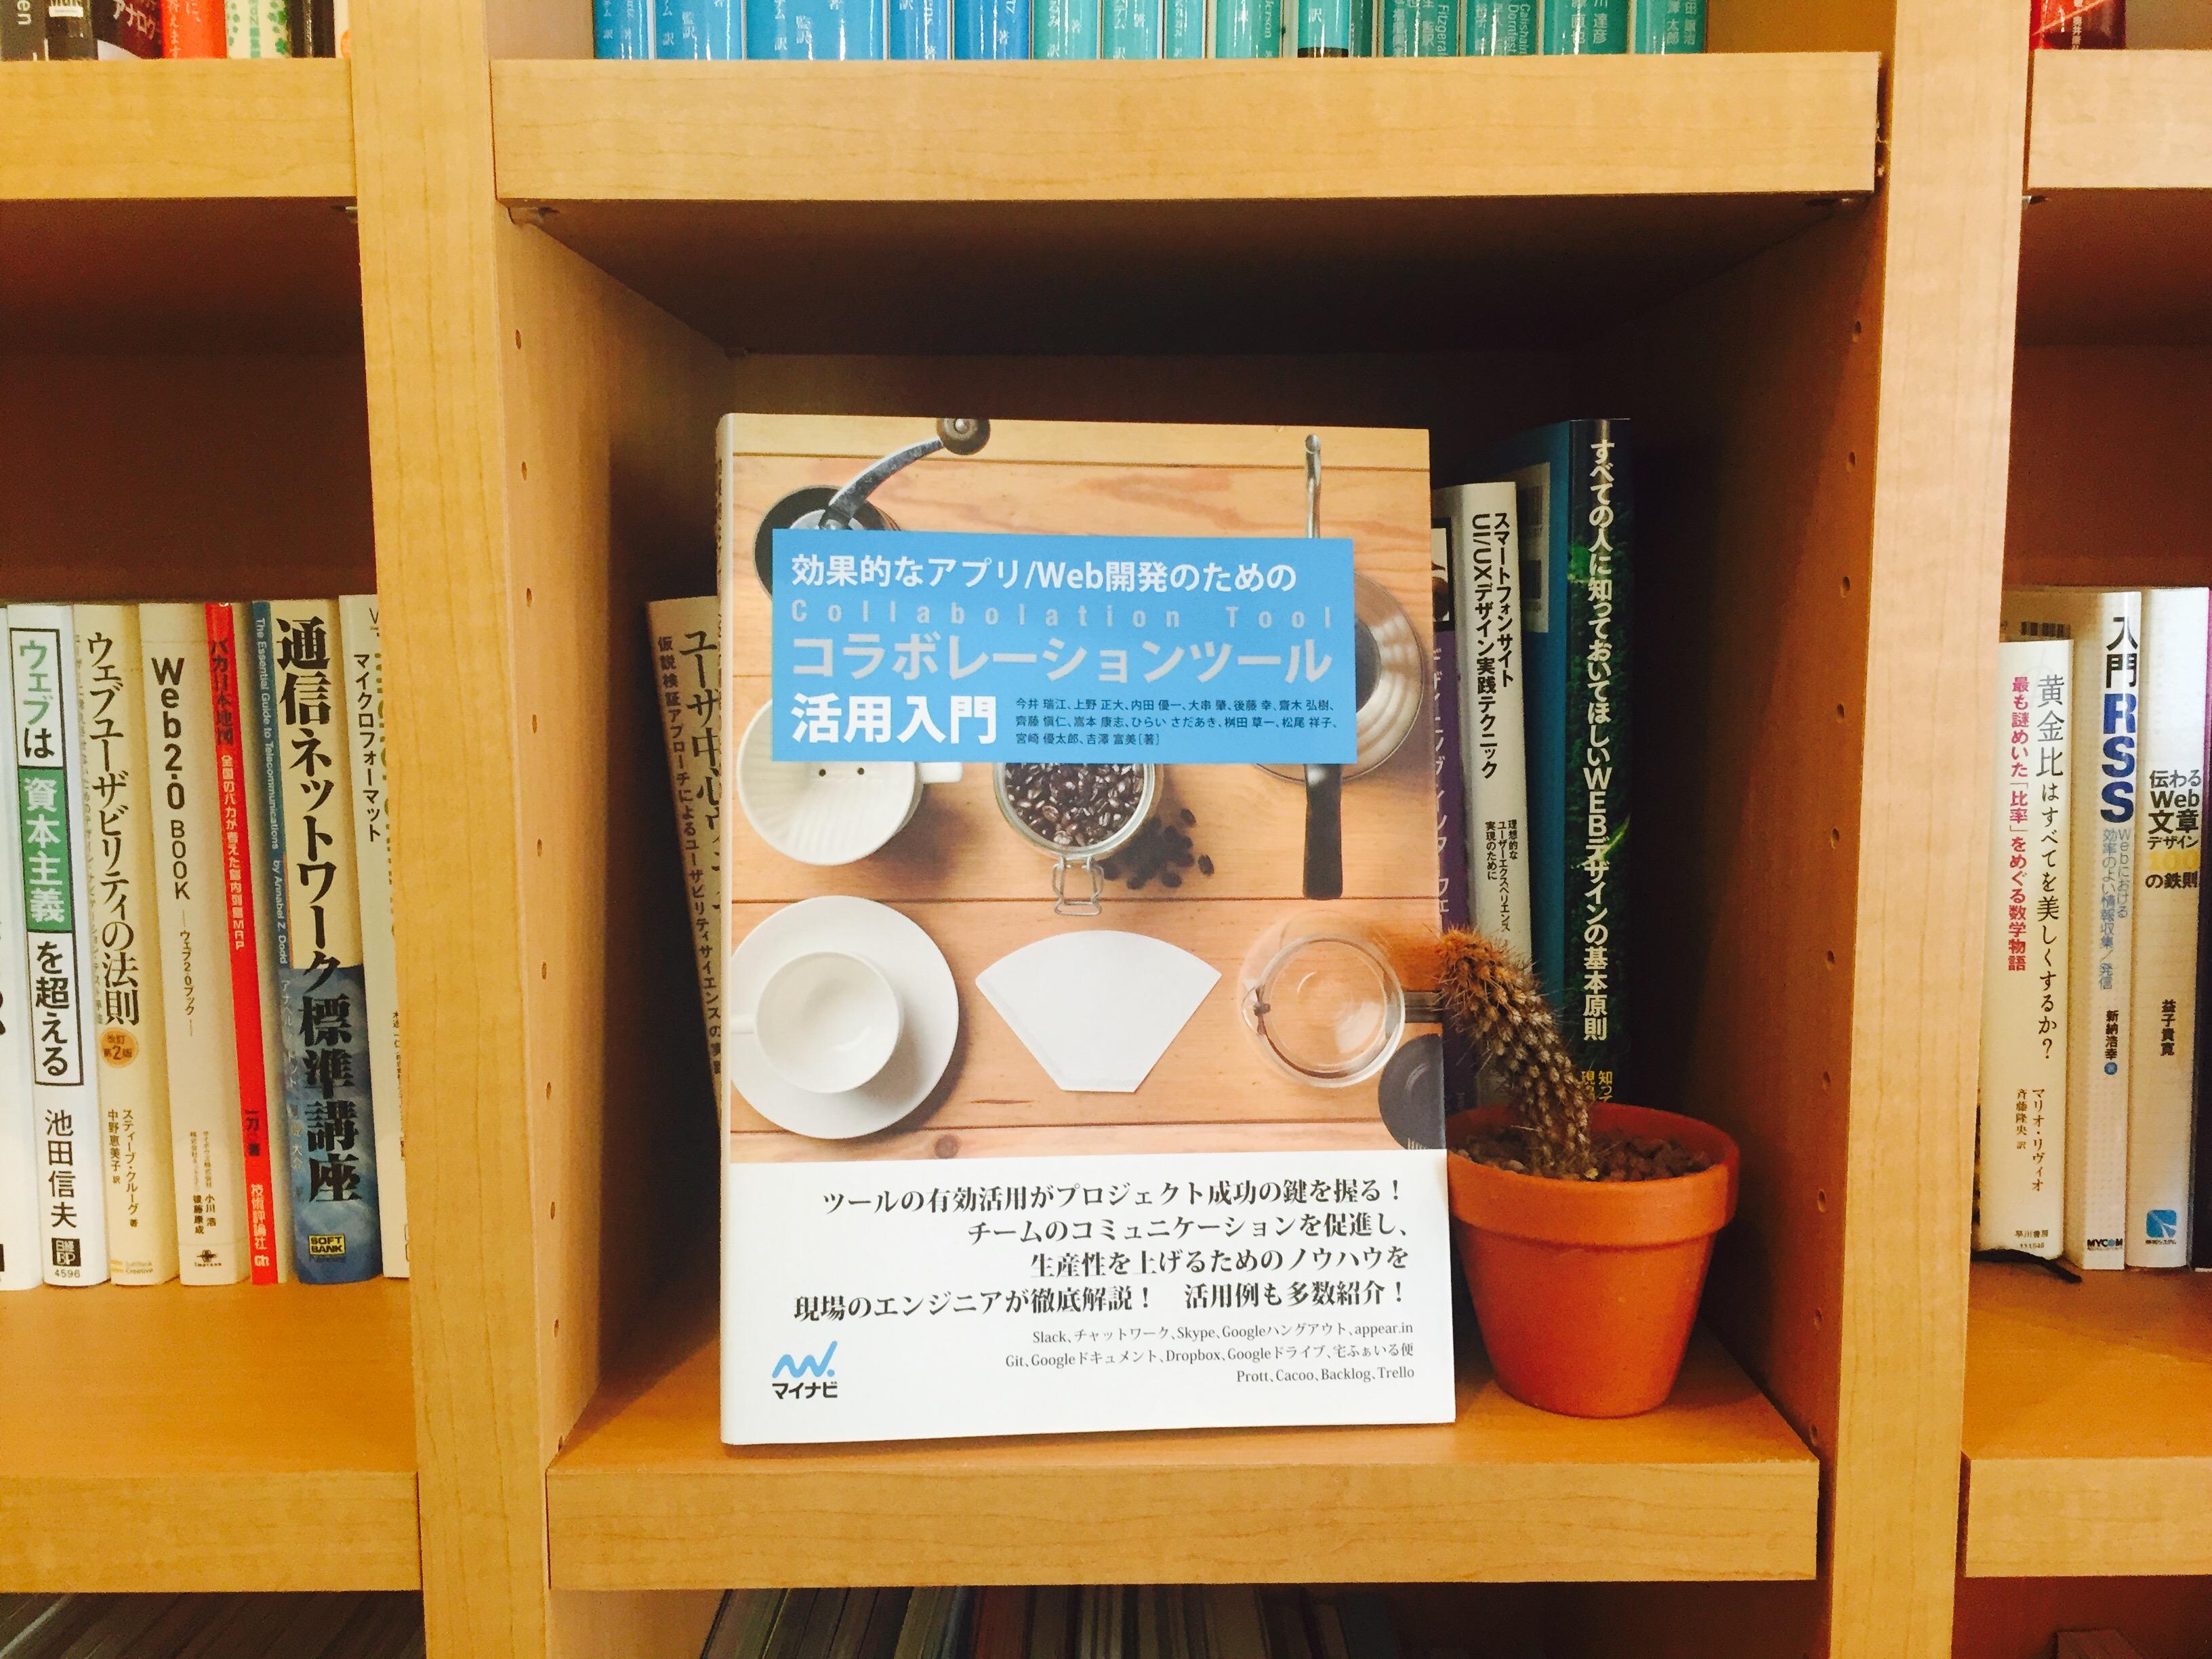 書籍『効果的なアプリ/Web開発のための コラボレーションツール活用入門』発売!